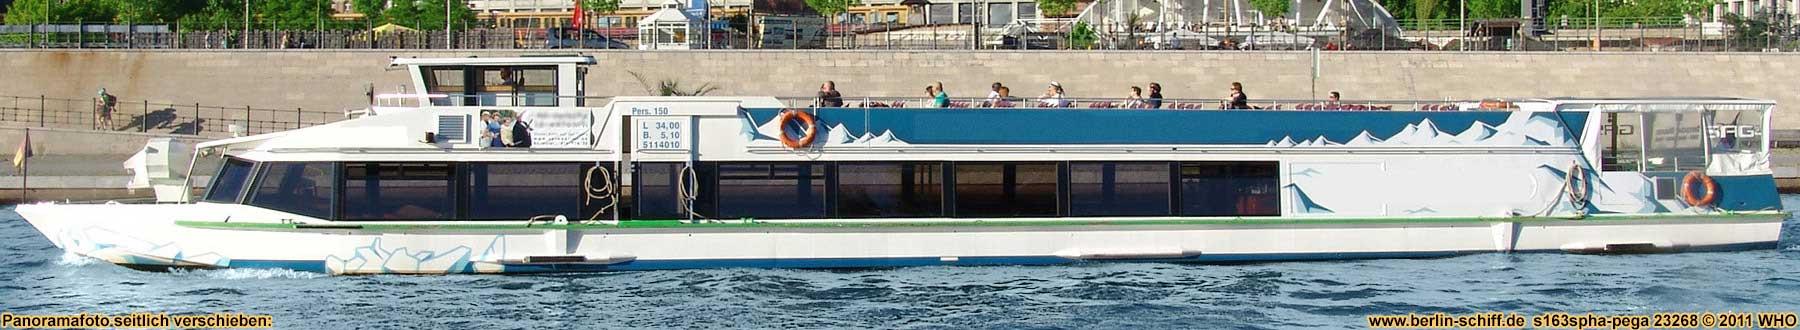 spreedampfer mieten schifffahrt spree berlin charterschiffe partyschiff schiff tiergarten. Black Bedroom Furniture Sets. Home Design Ideas